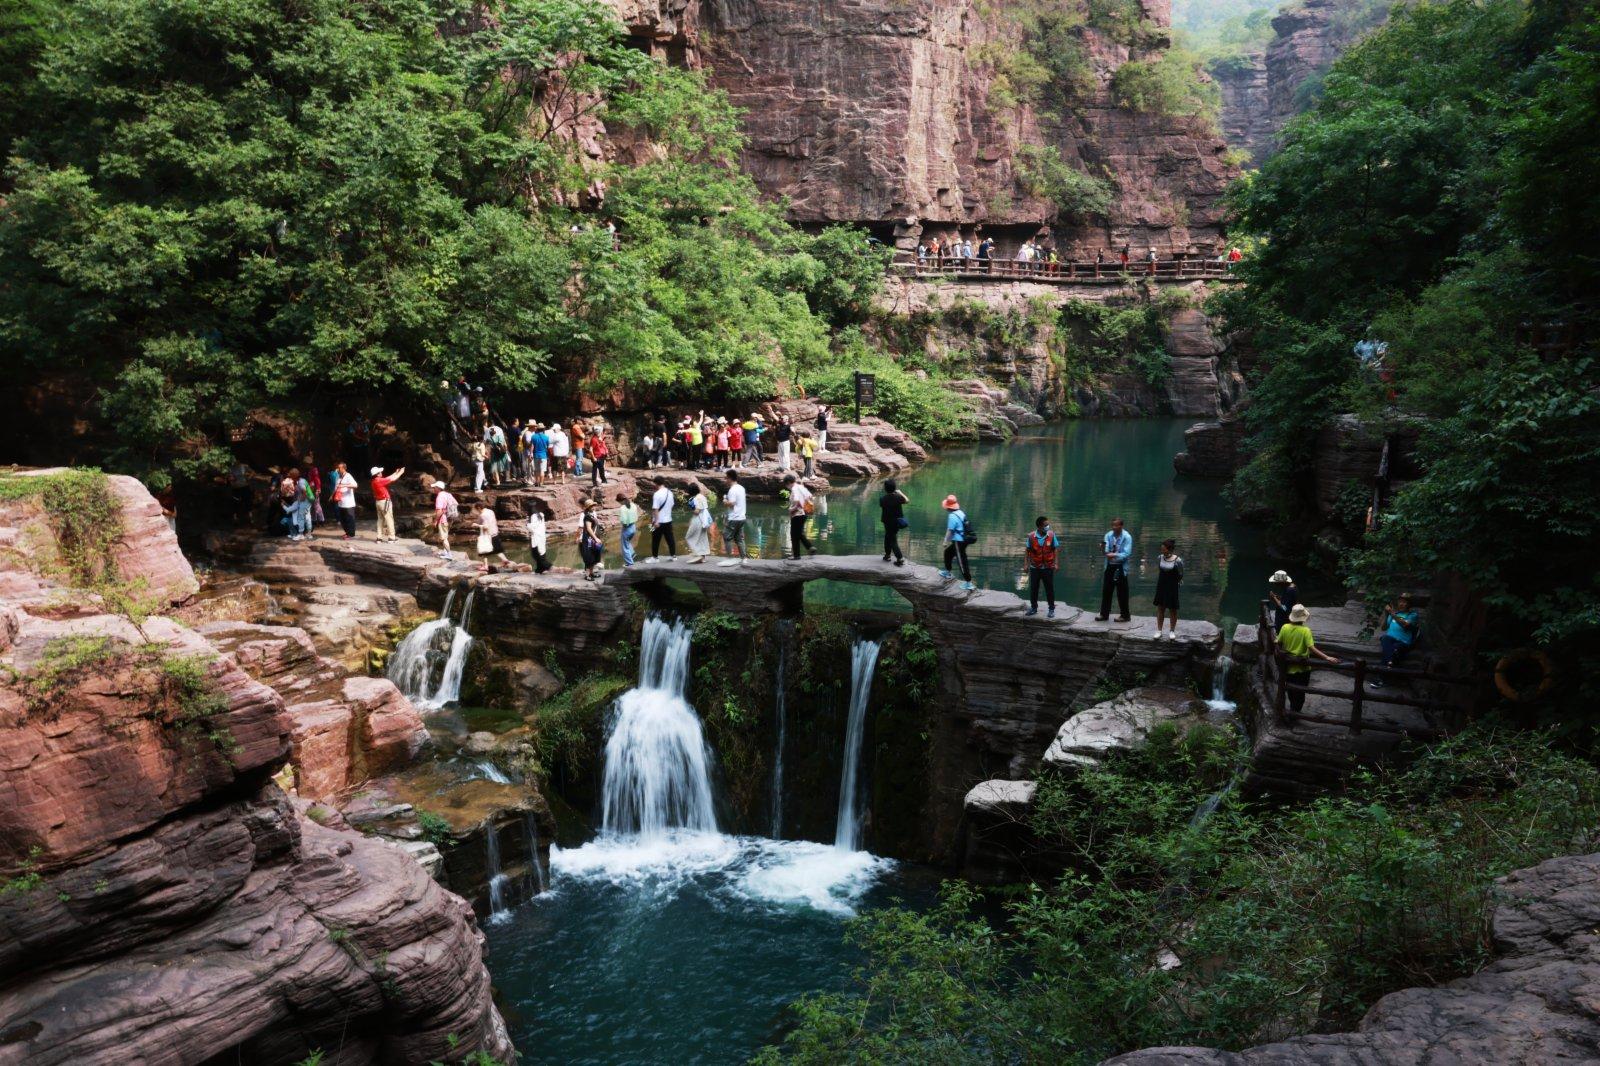 6月10日,遊客在雲台山紅石峽景區遊玩。(新華社)